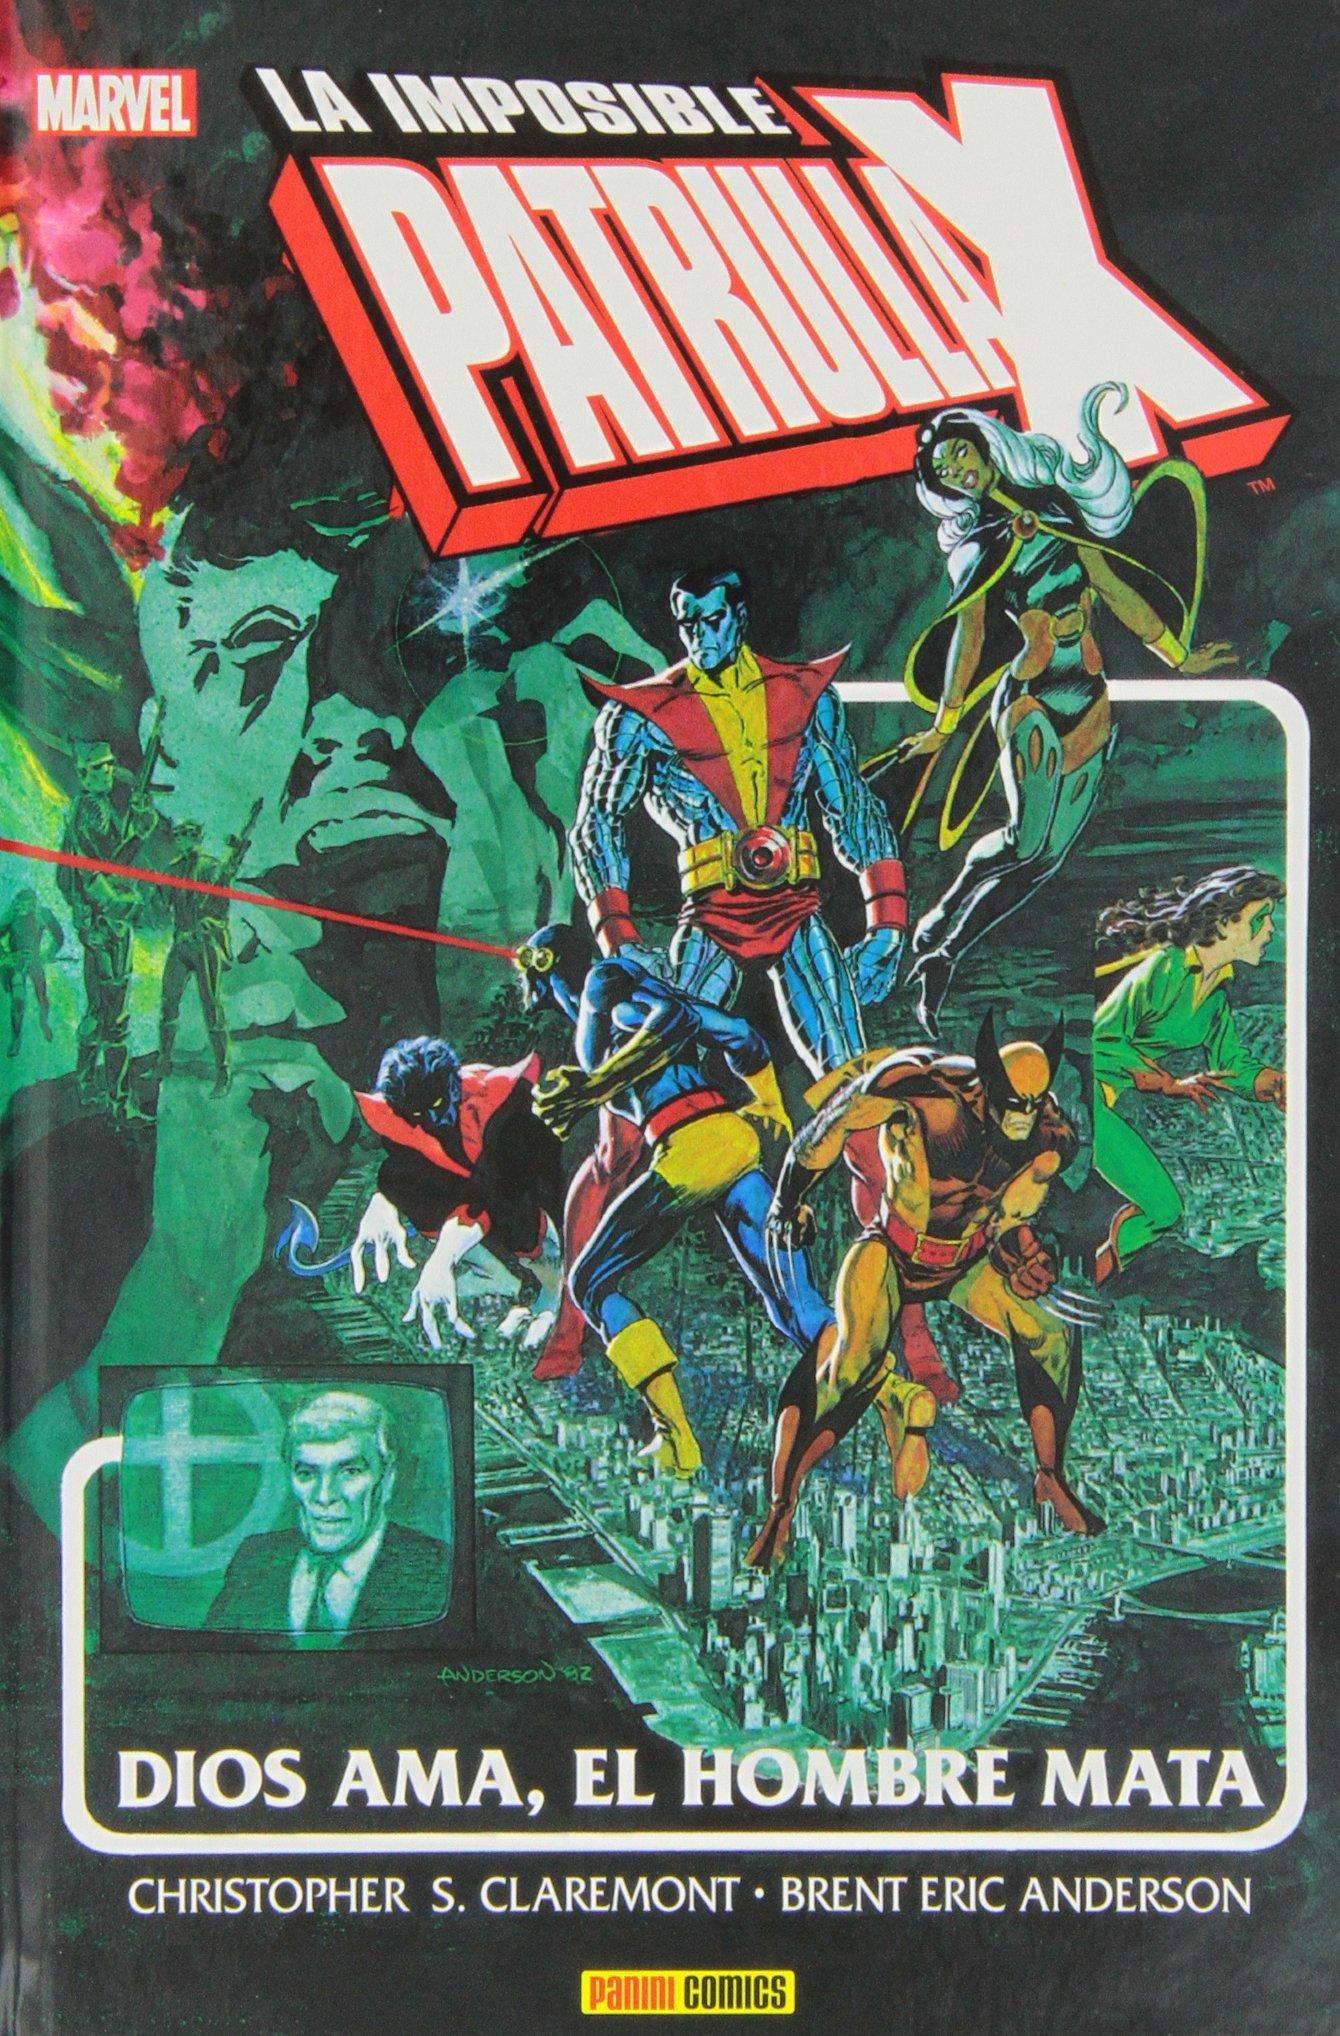 La Imposible Patrulla-X. Dios Ama, El Hombre Mata Marvel Gold: Amazon.es:  Christopher S. Claremont;Brent Eric Anderson: Libros